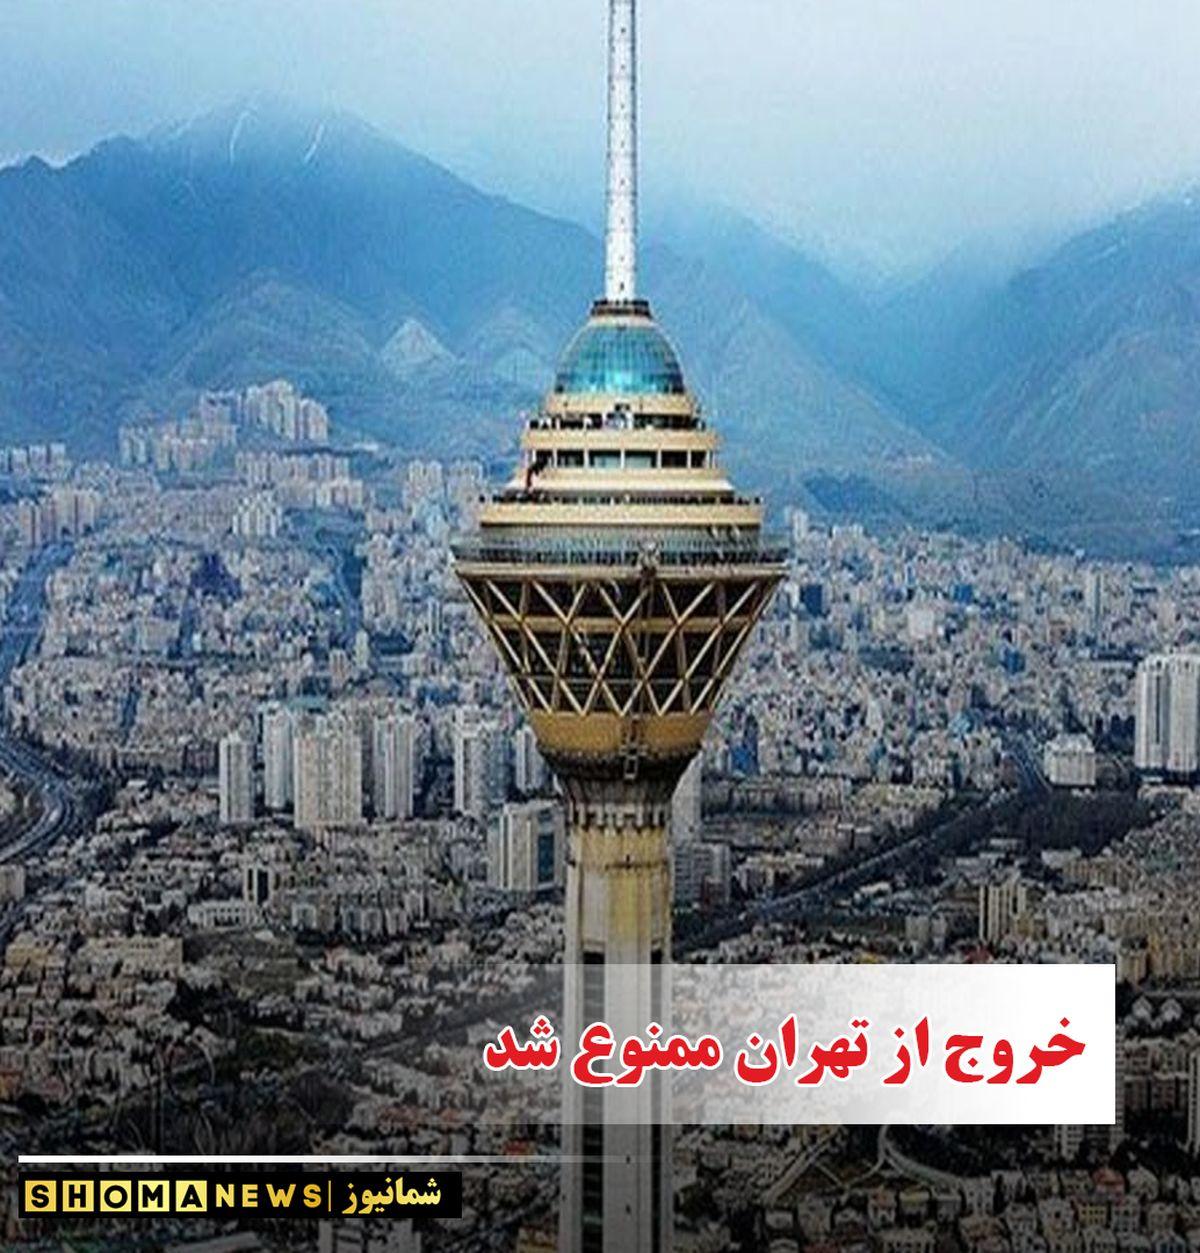 فوری/ خروج از تهران ممنوع شد